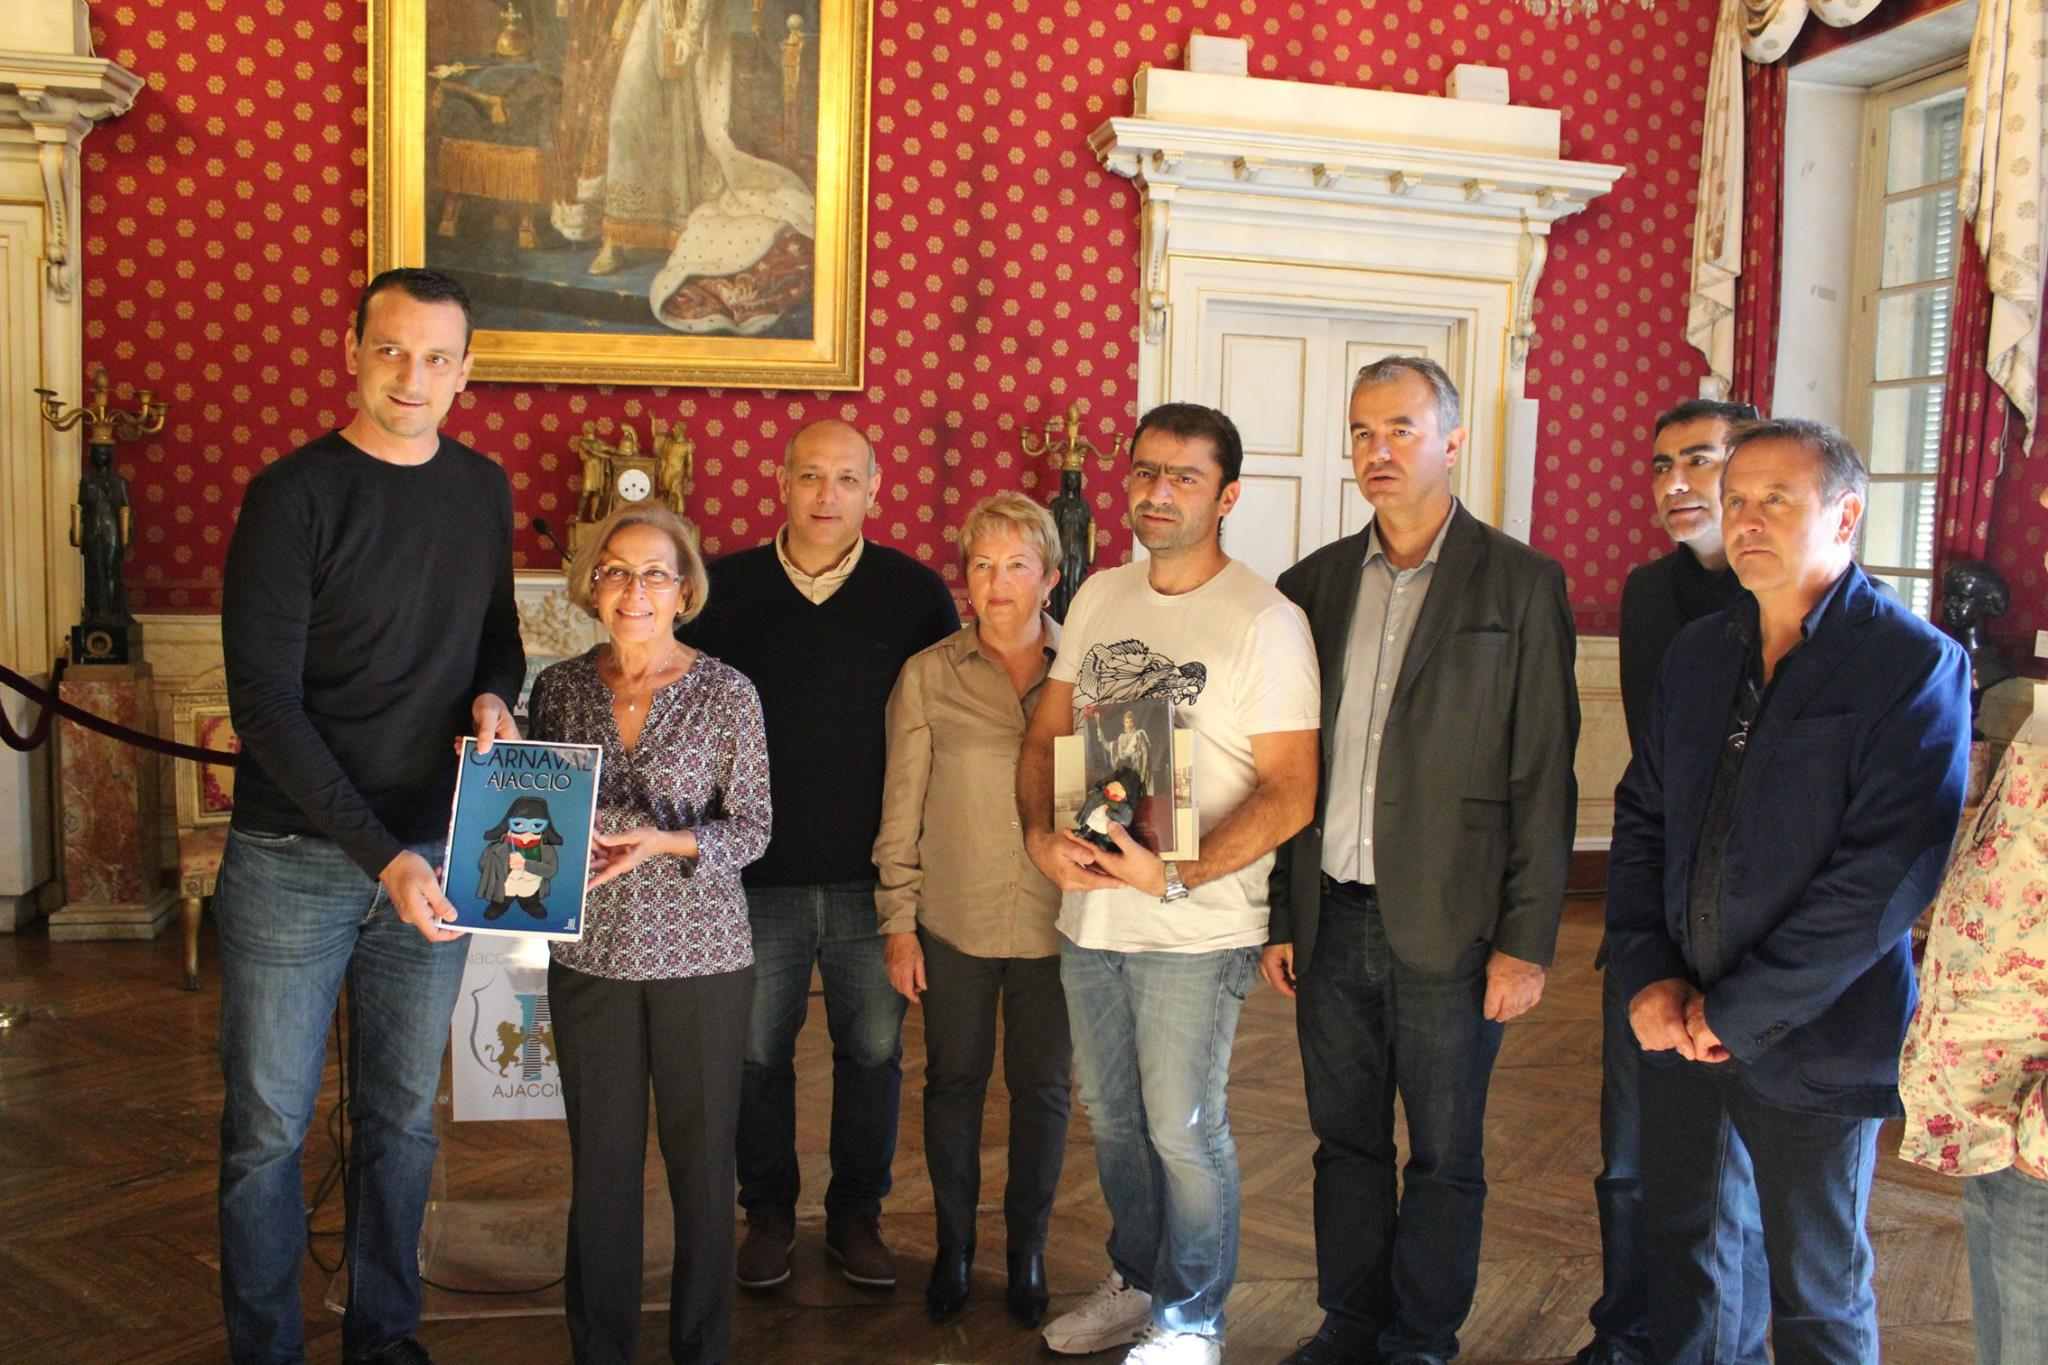 Résultat du concours d'artiste du Carnaval d'Ajaccio